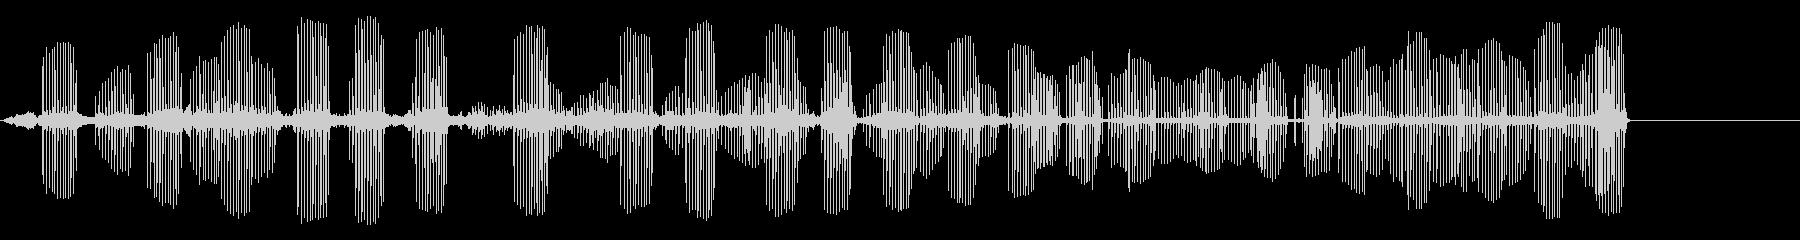 アフリカの鳥の未再生の波形